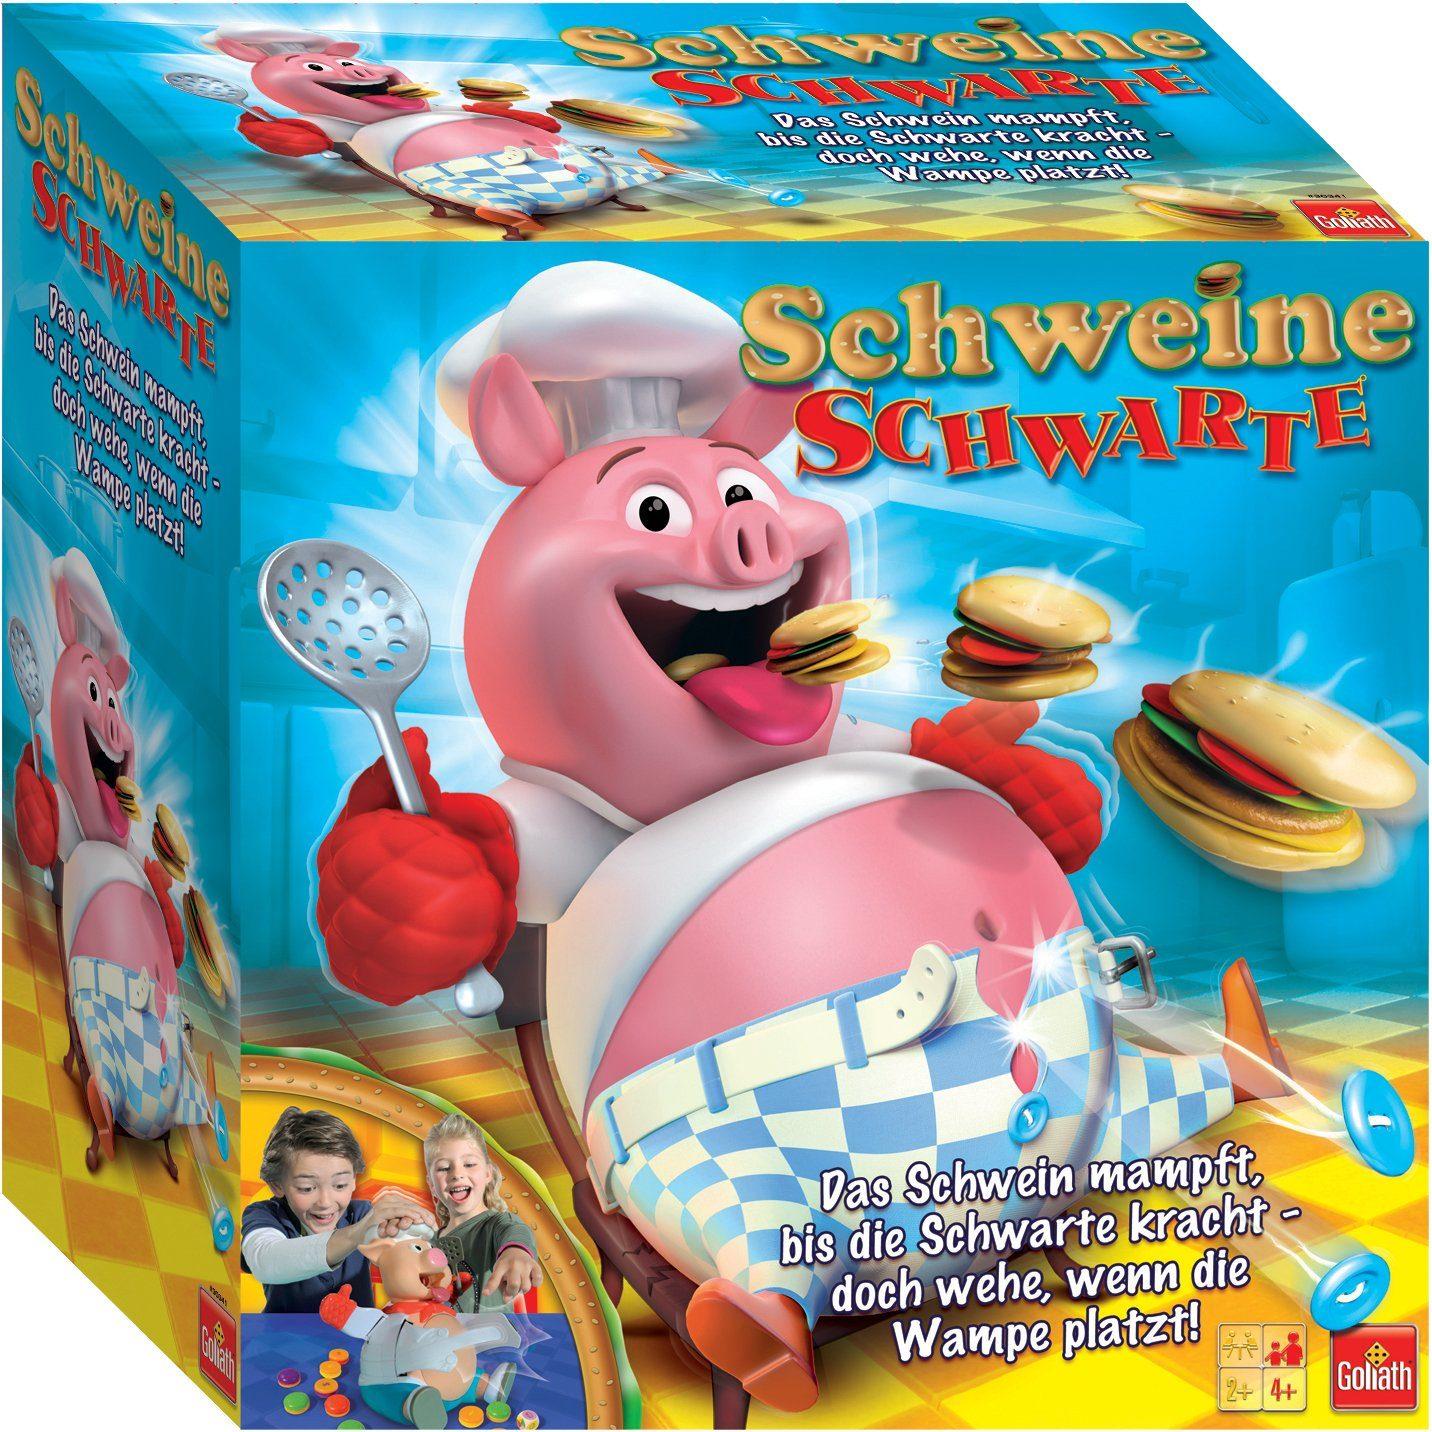 Goliath Actionspiel, »Schweine Schwarte«